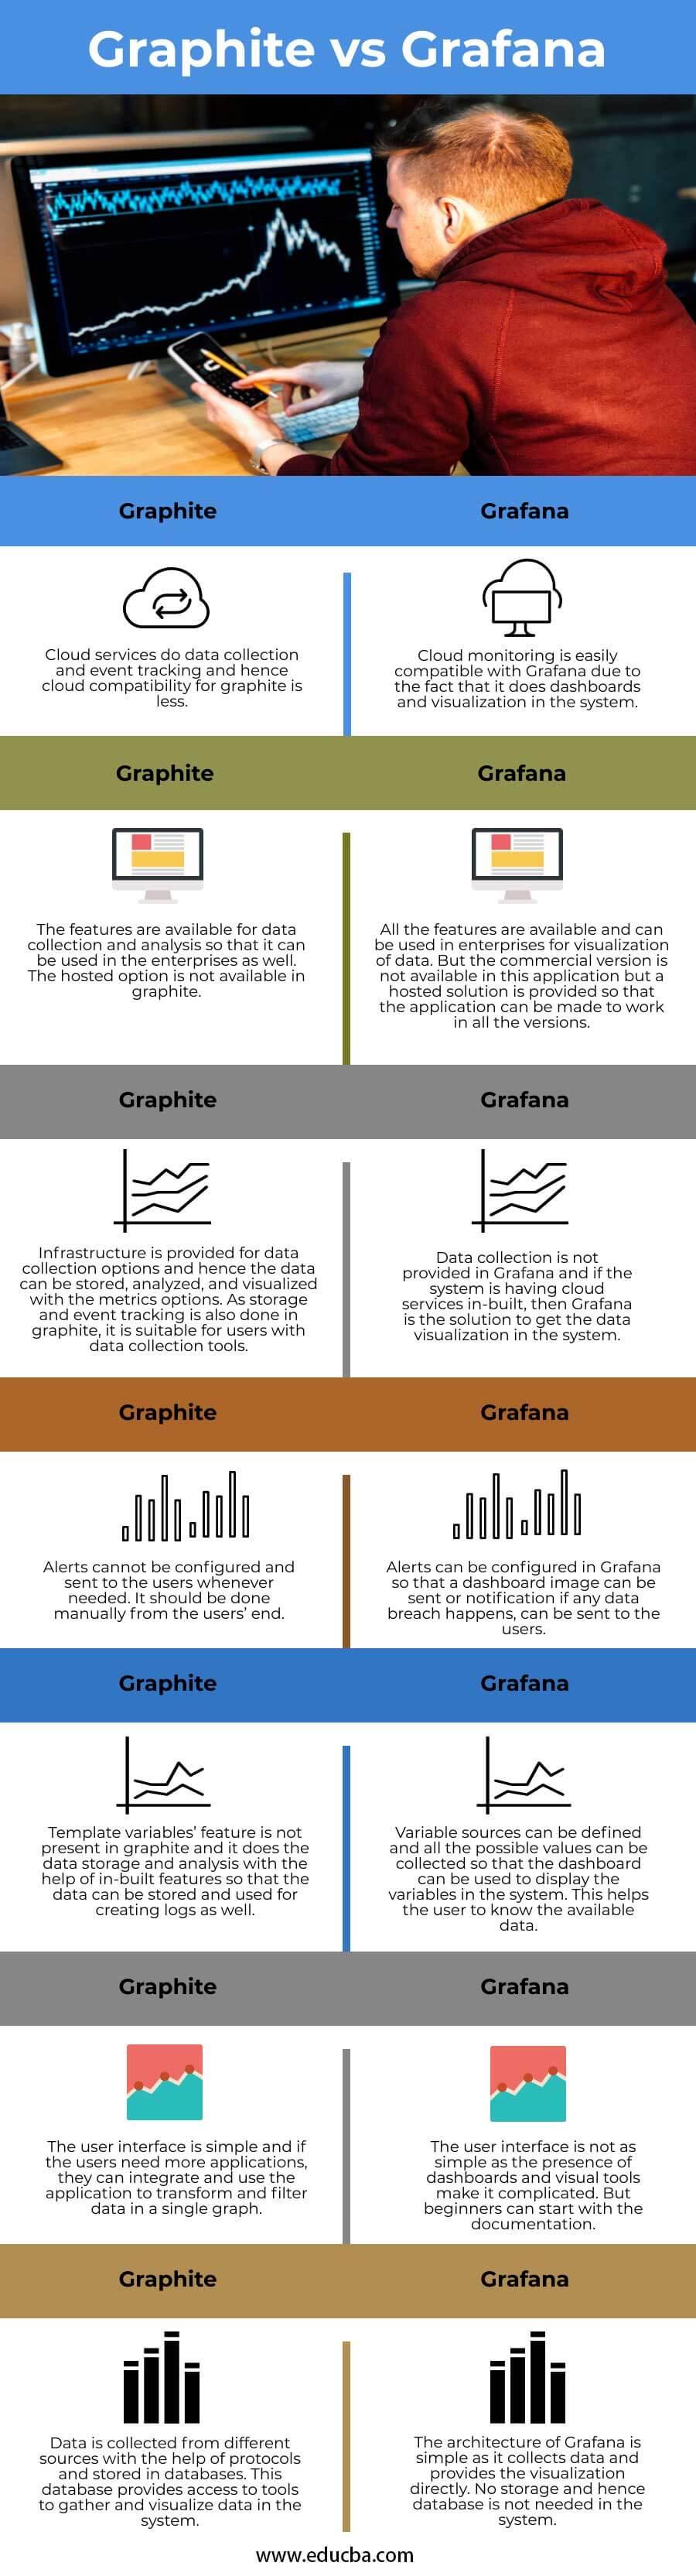 Graphite-vs-Grafana-info